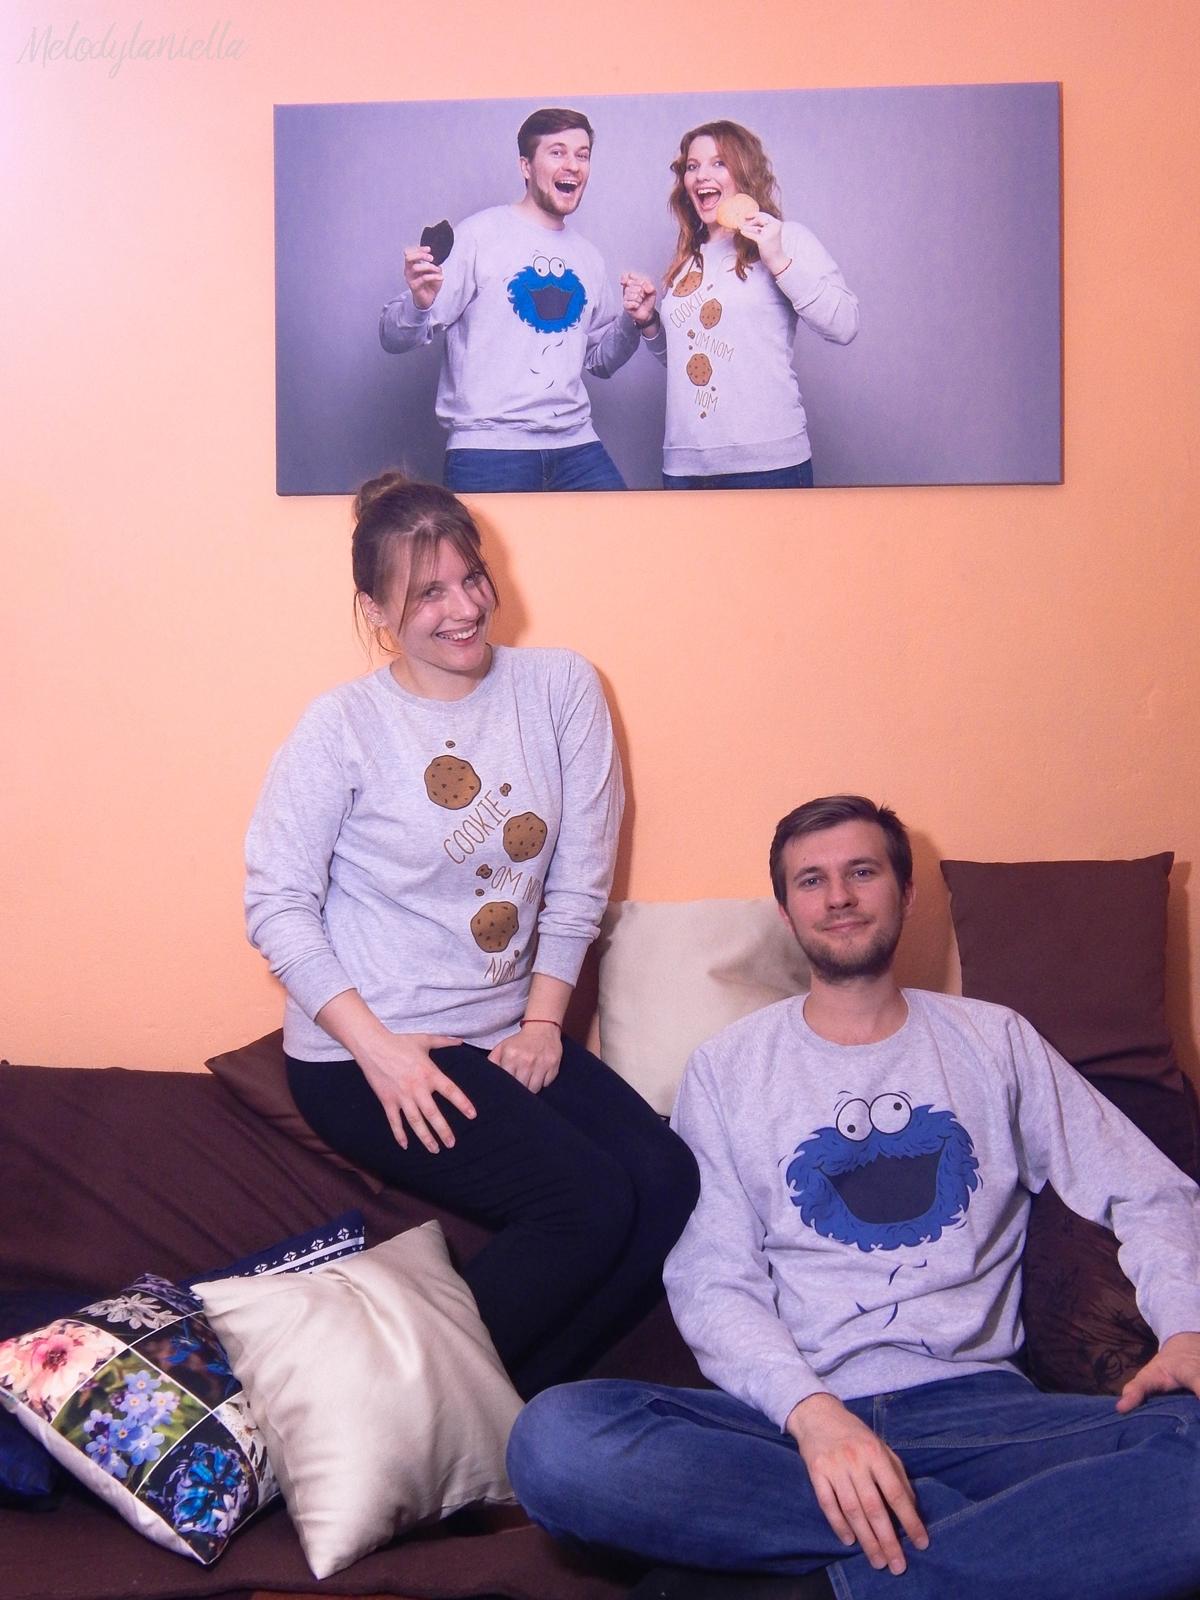 fotoobraz dekoracja do salonu pokoj wystroj wnetrz fotoobraz na plotnie melodylaniella foto4u ciekawe obrazy